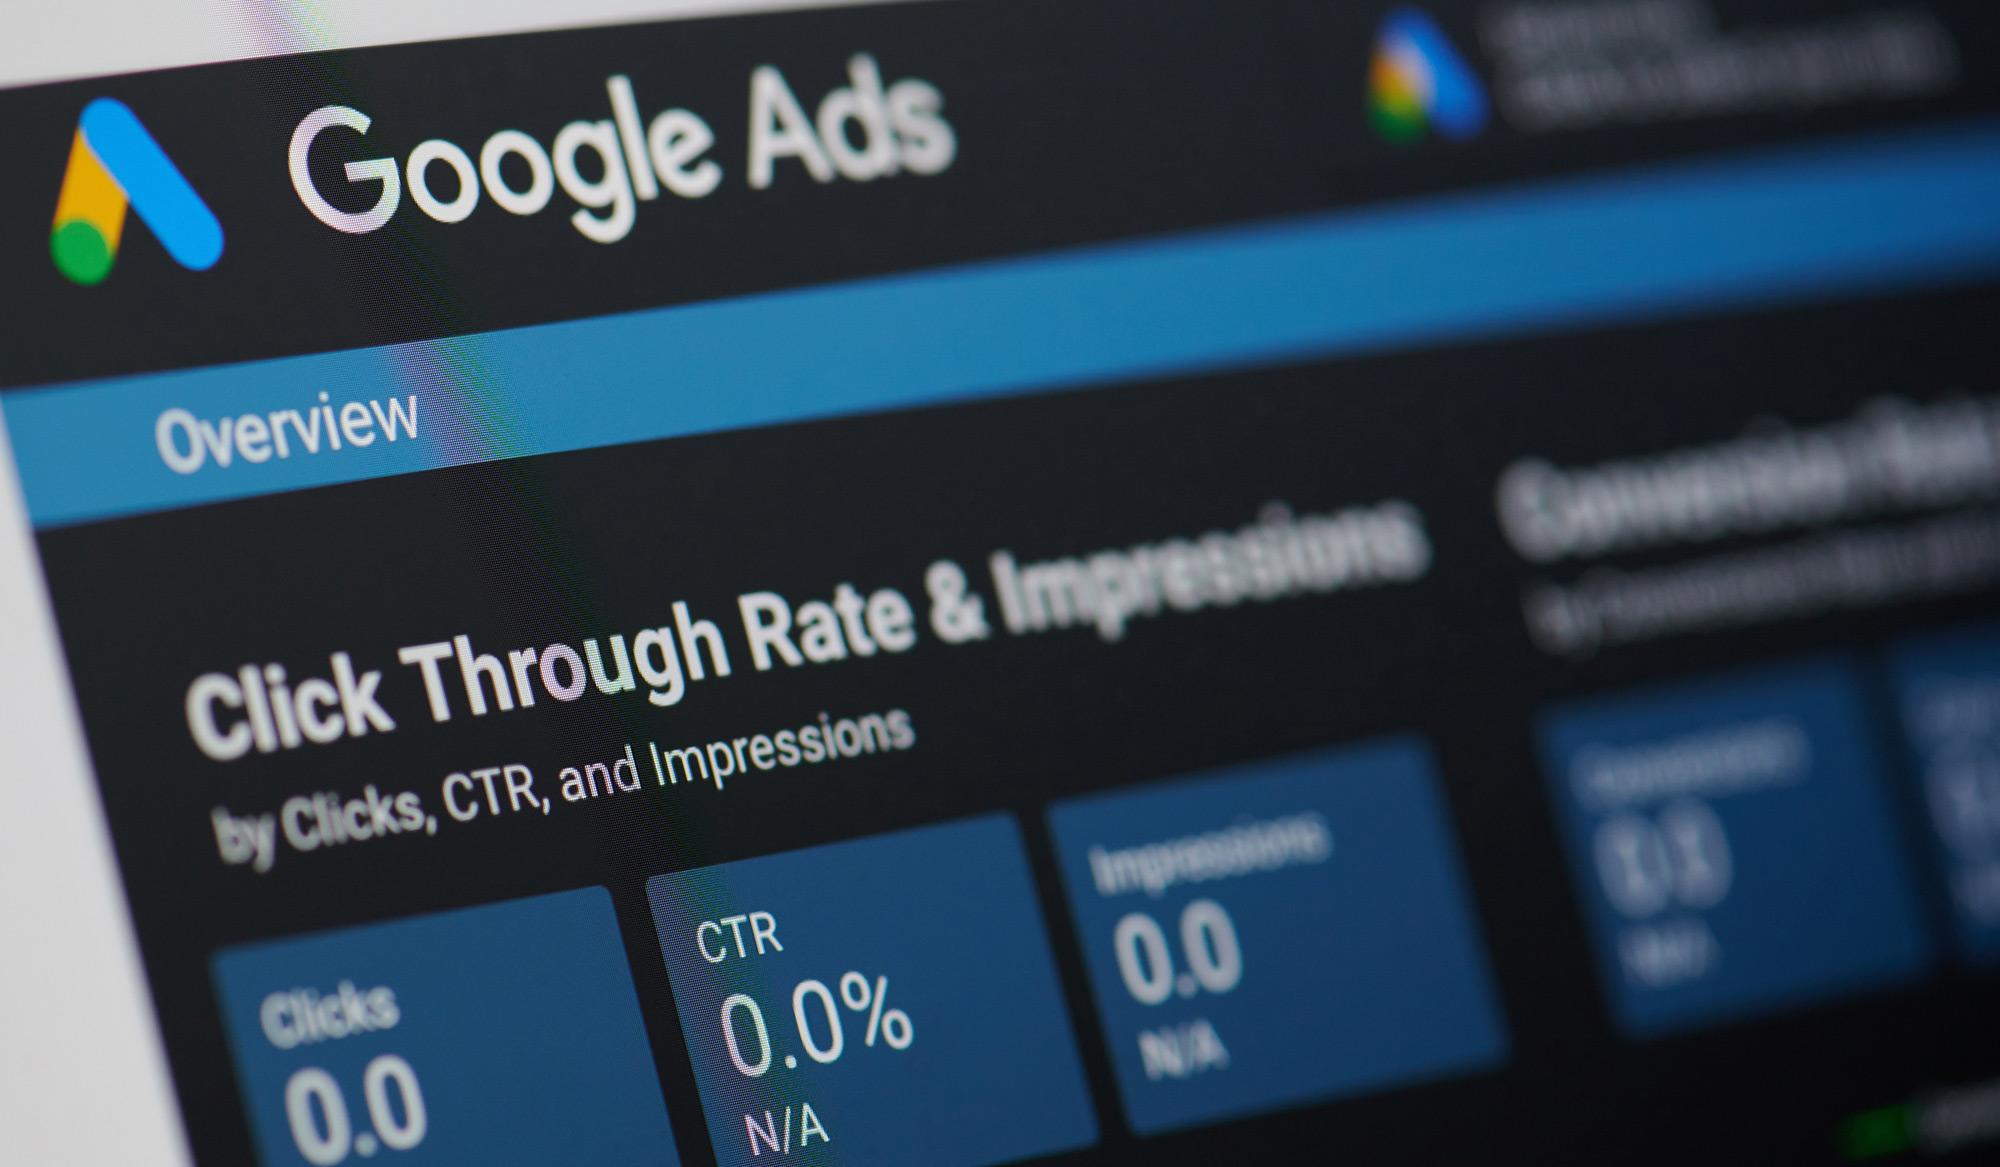 Campagnes Google Ads : 10 raisons pour lesquelles vous dépensez trop d'argent sans résultats